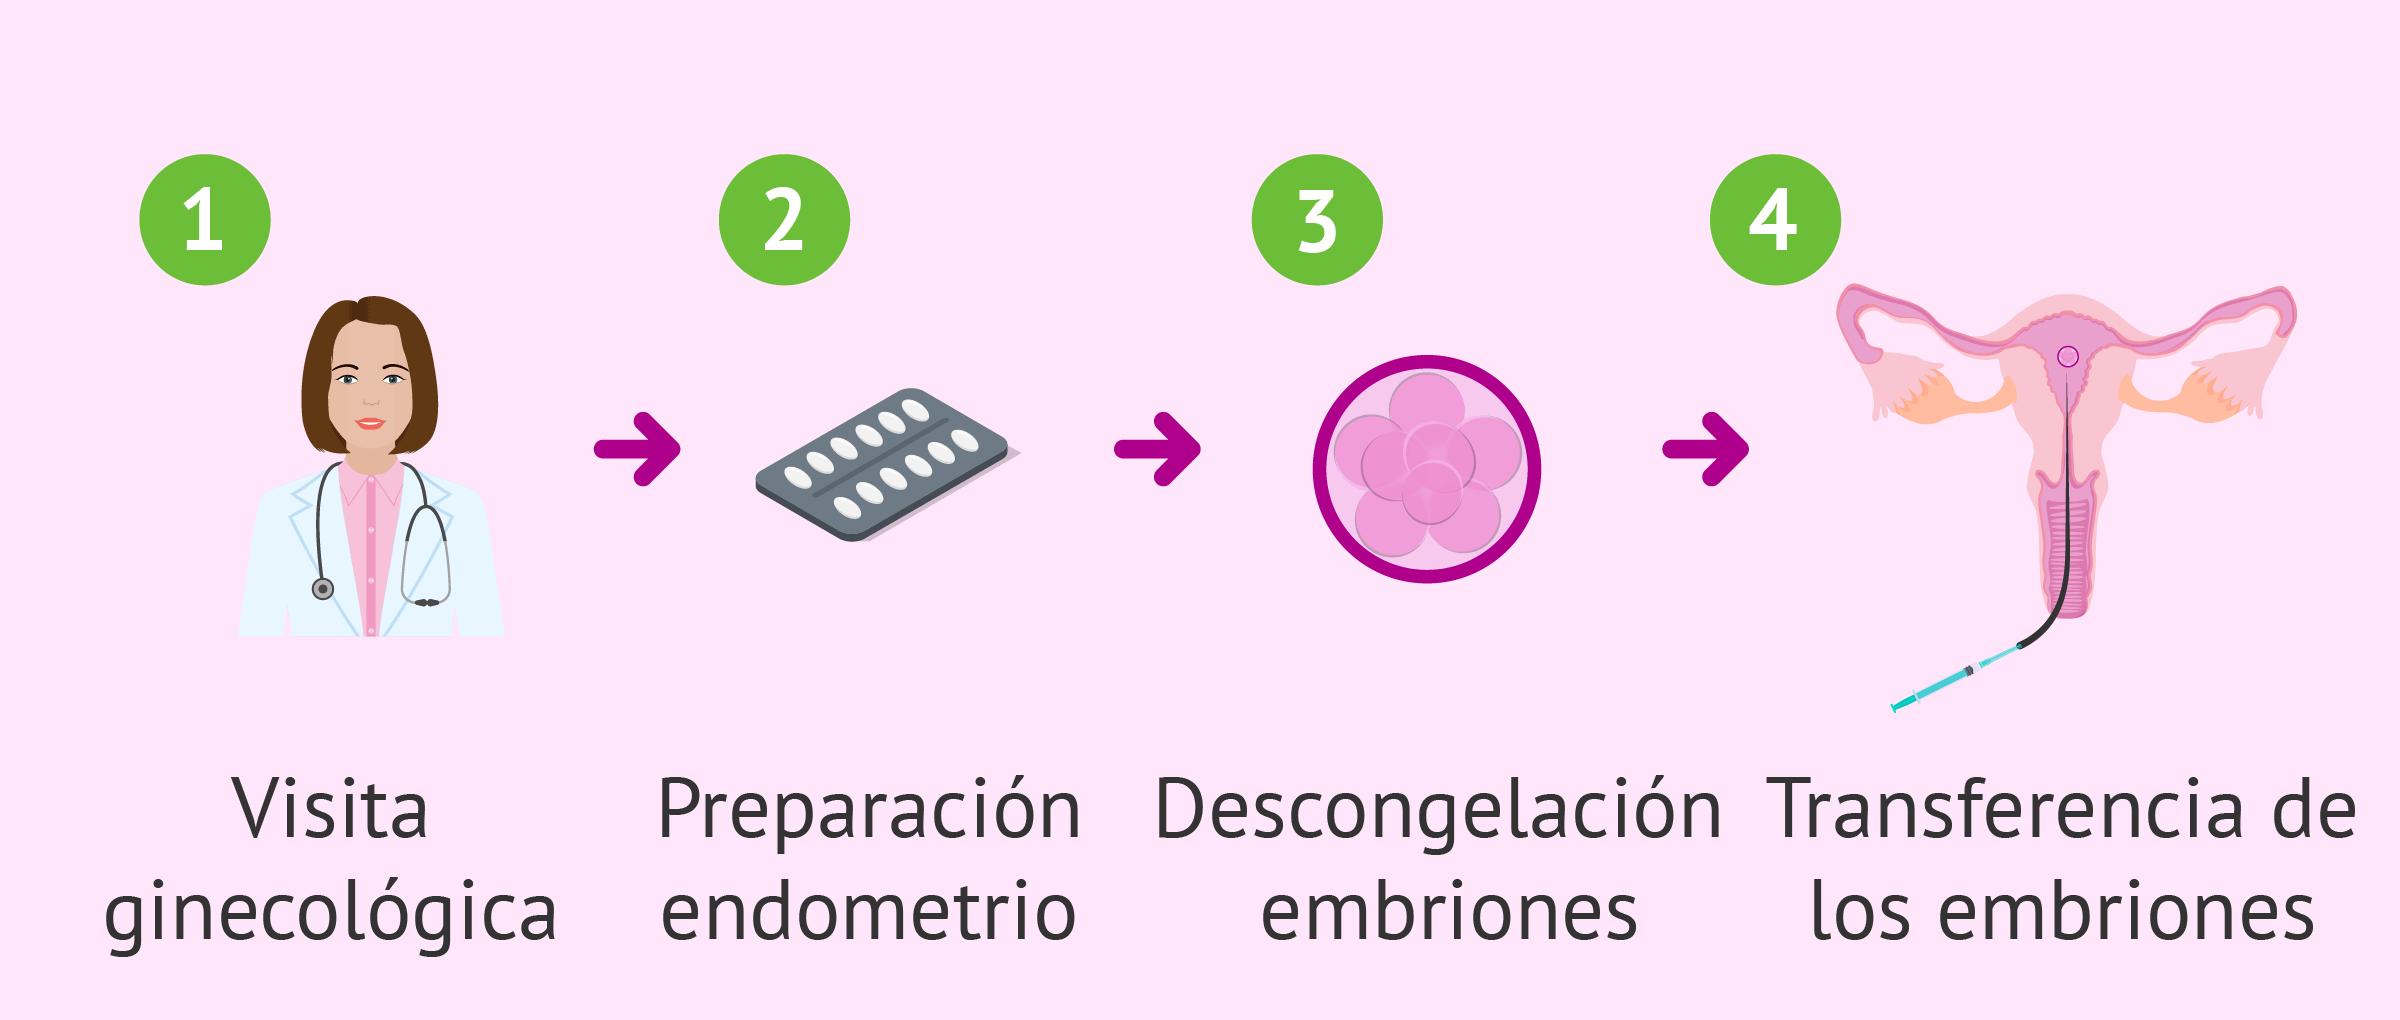 Pasos de la embrioadopción